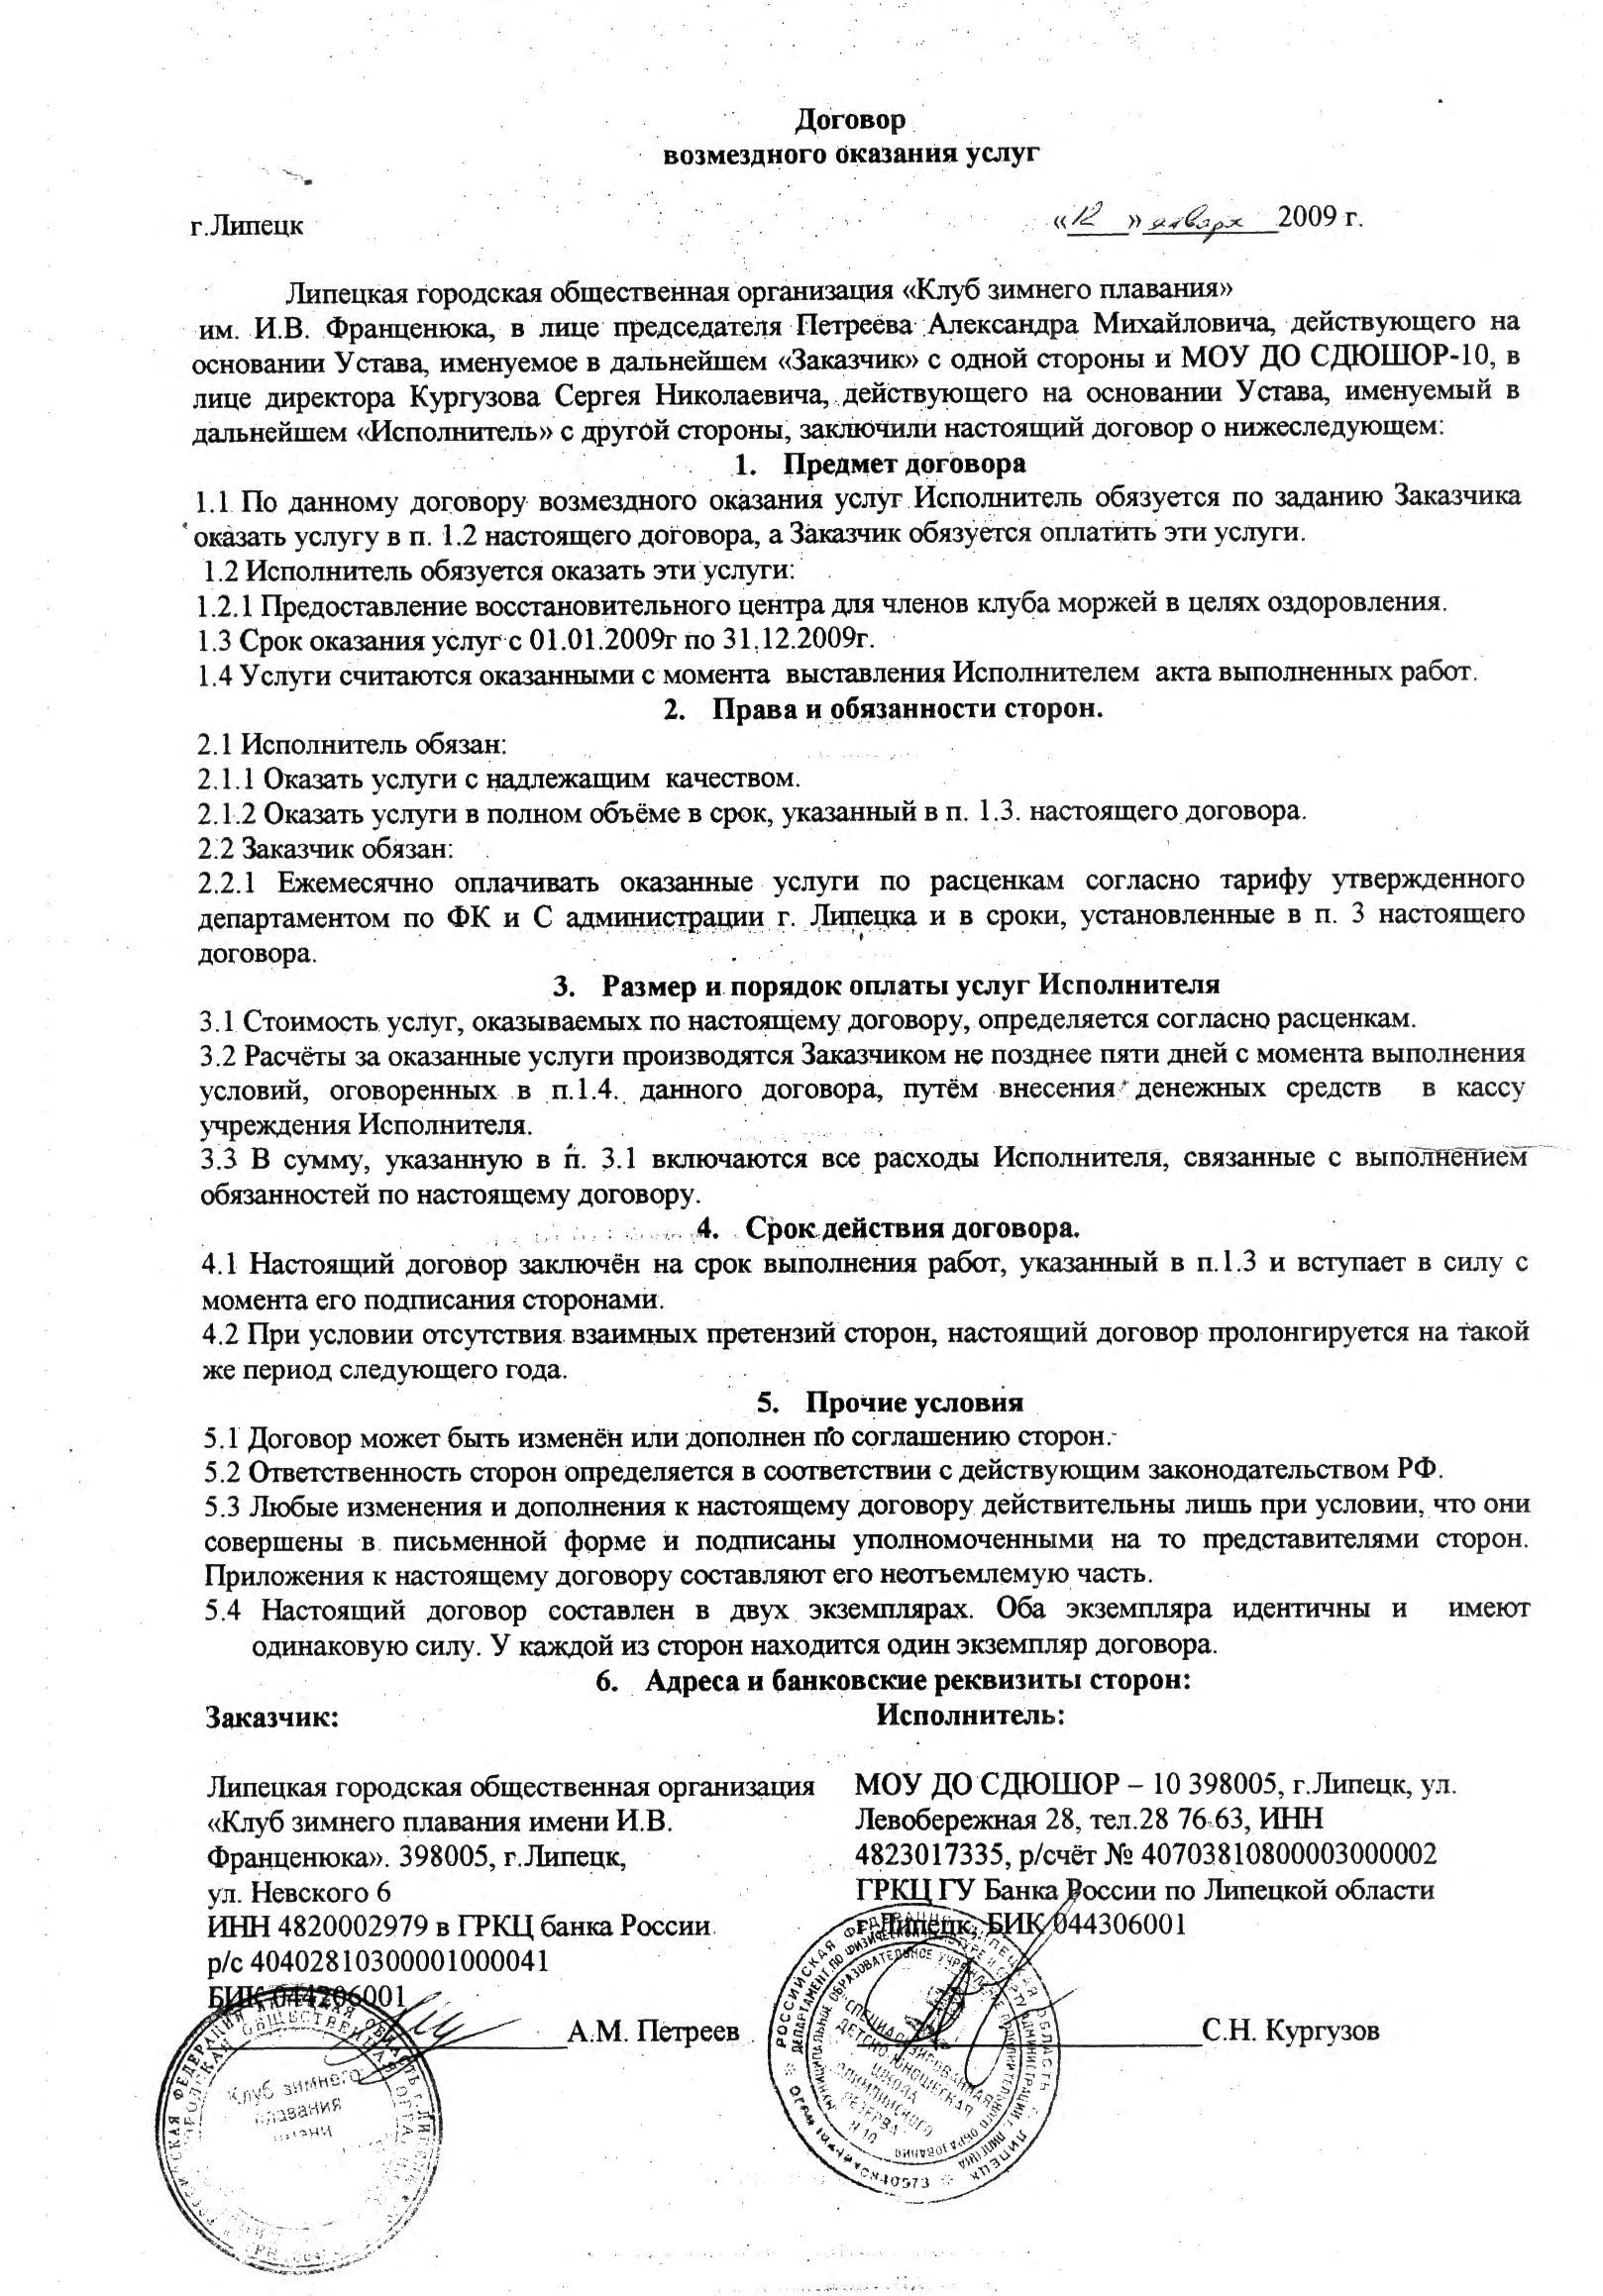 договор на предоставление информационных услуг образец